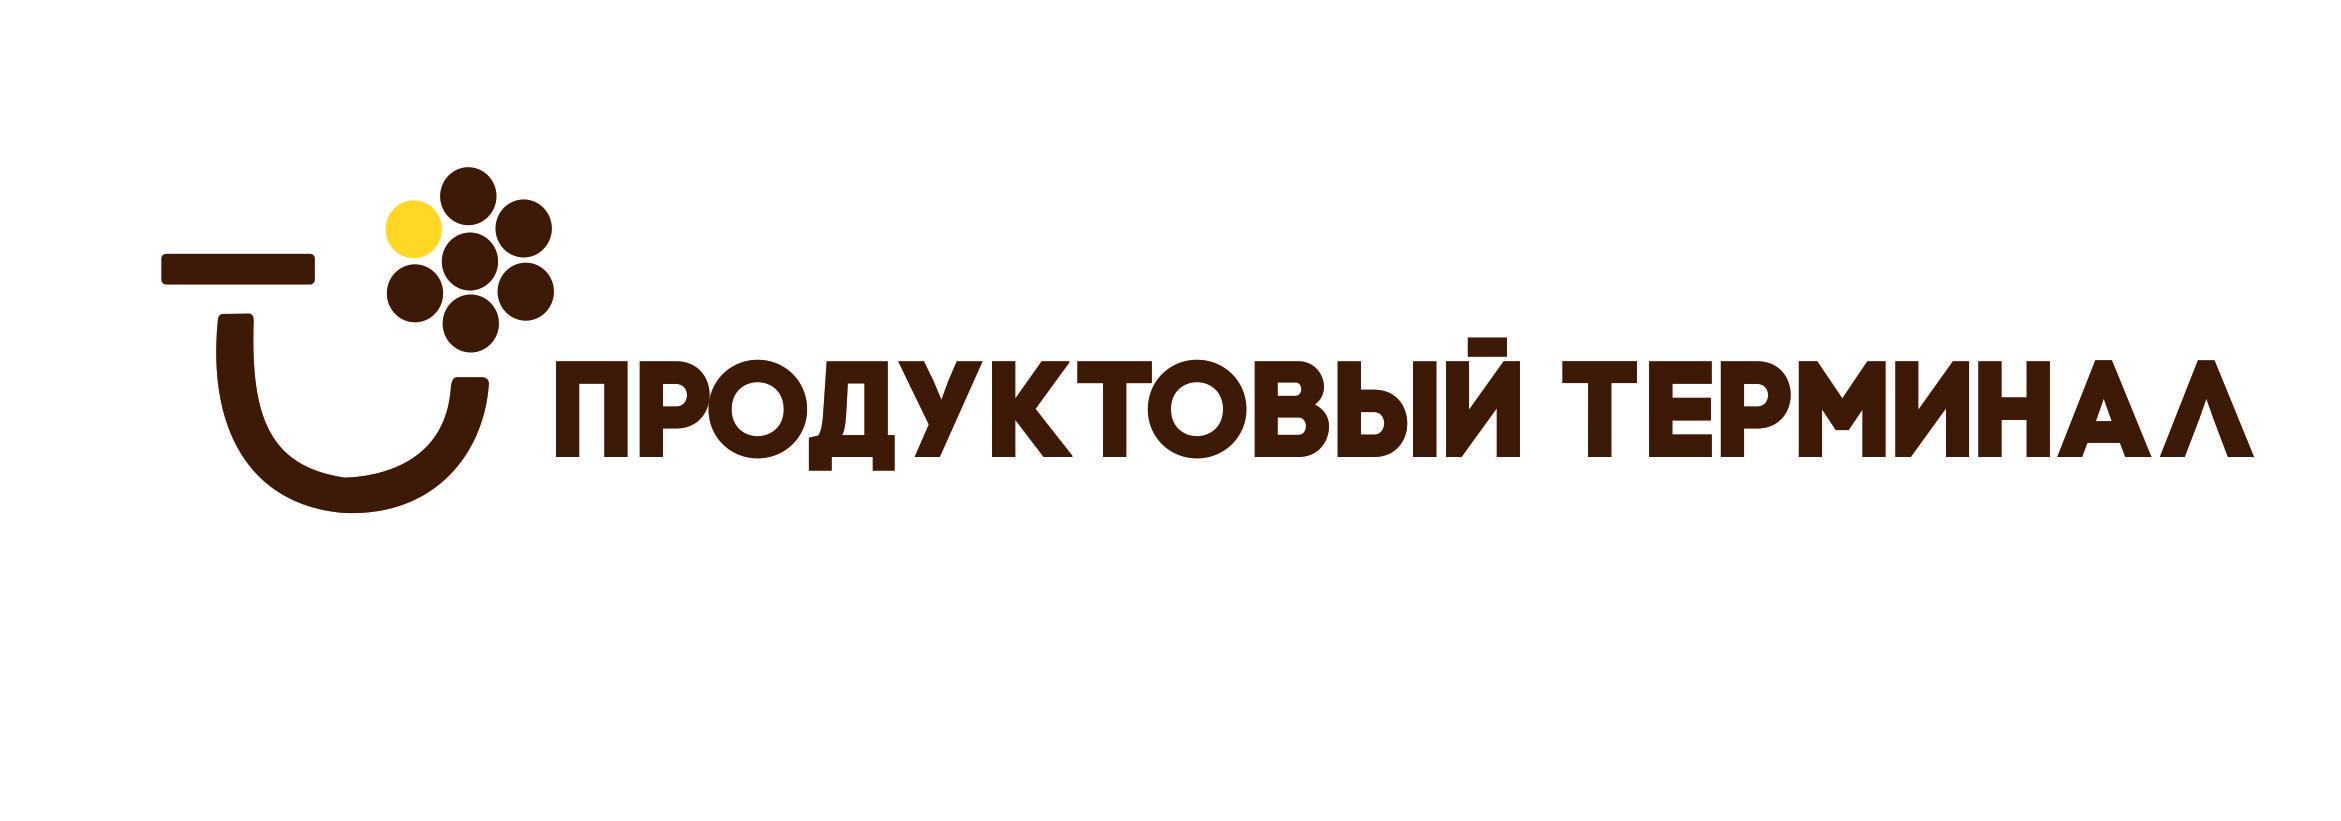 Логотип для сети продуктовых магазинов фото f_98456fd06c20881a.jpg